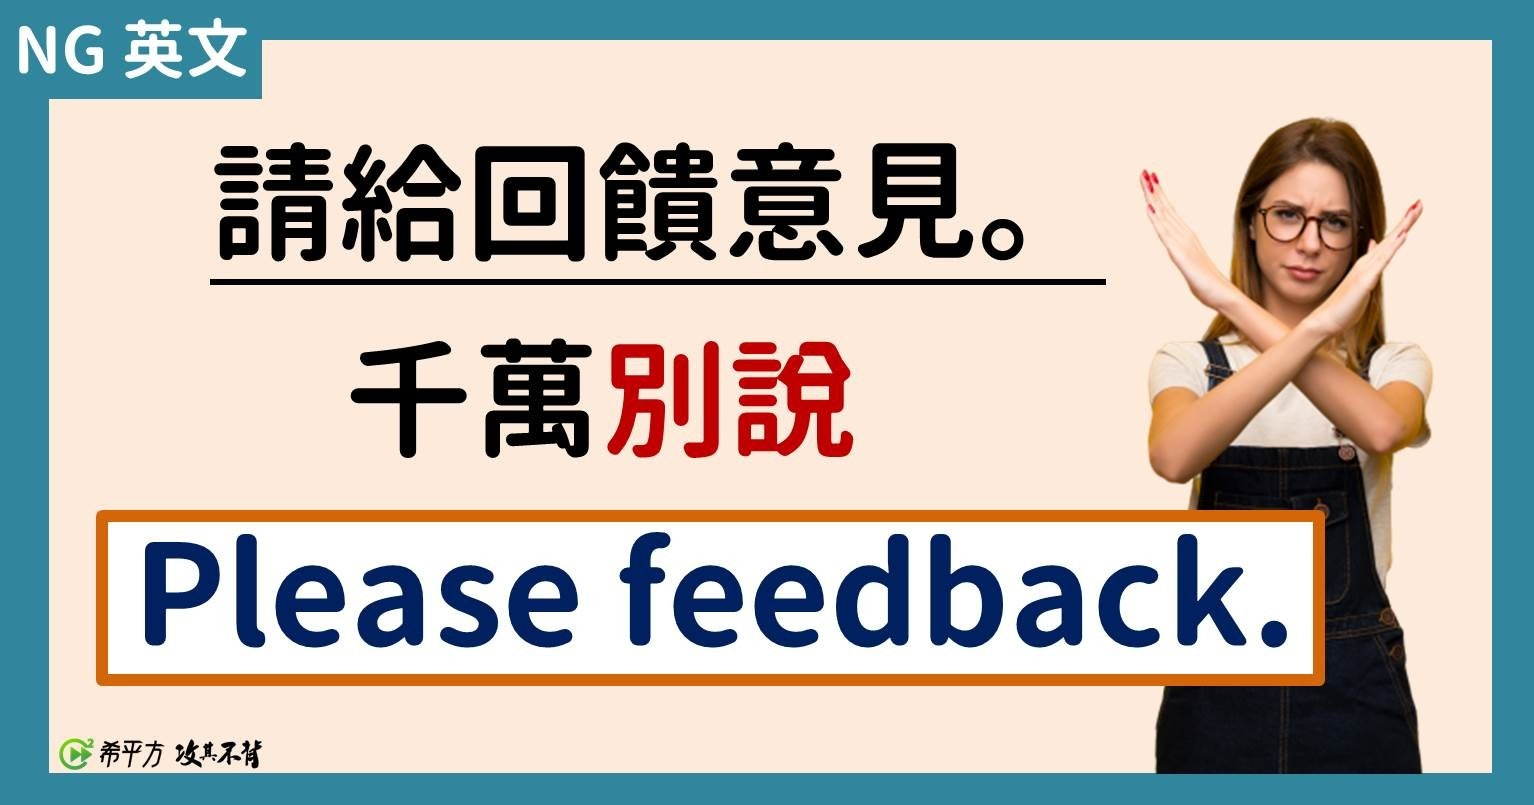 照片中提到了NG 英文、請給回饋意見。、千萬別說,包含了阿發食品、產品、公共關係、牌、商標